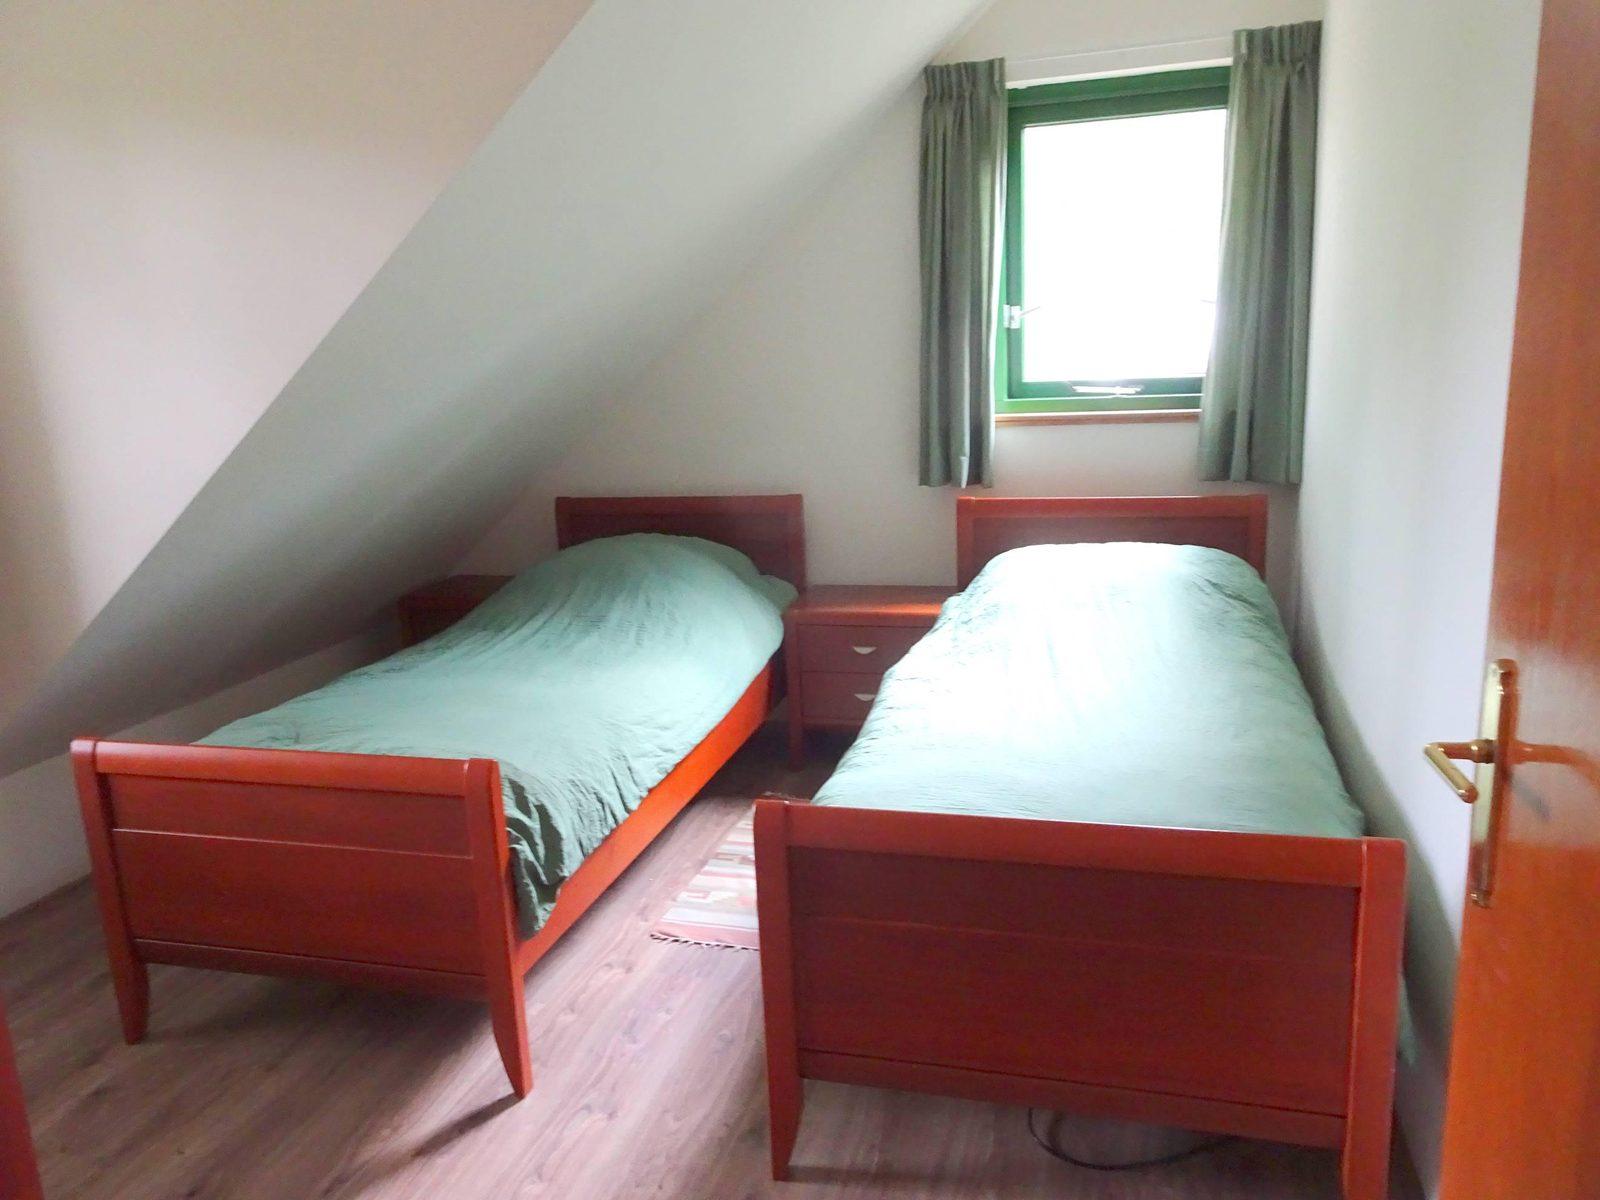 Grote slaapkamer boven Badzicht Schipborg Músarrindill 2